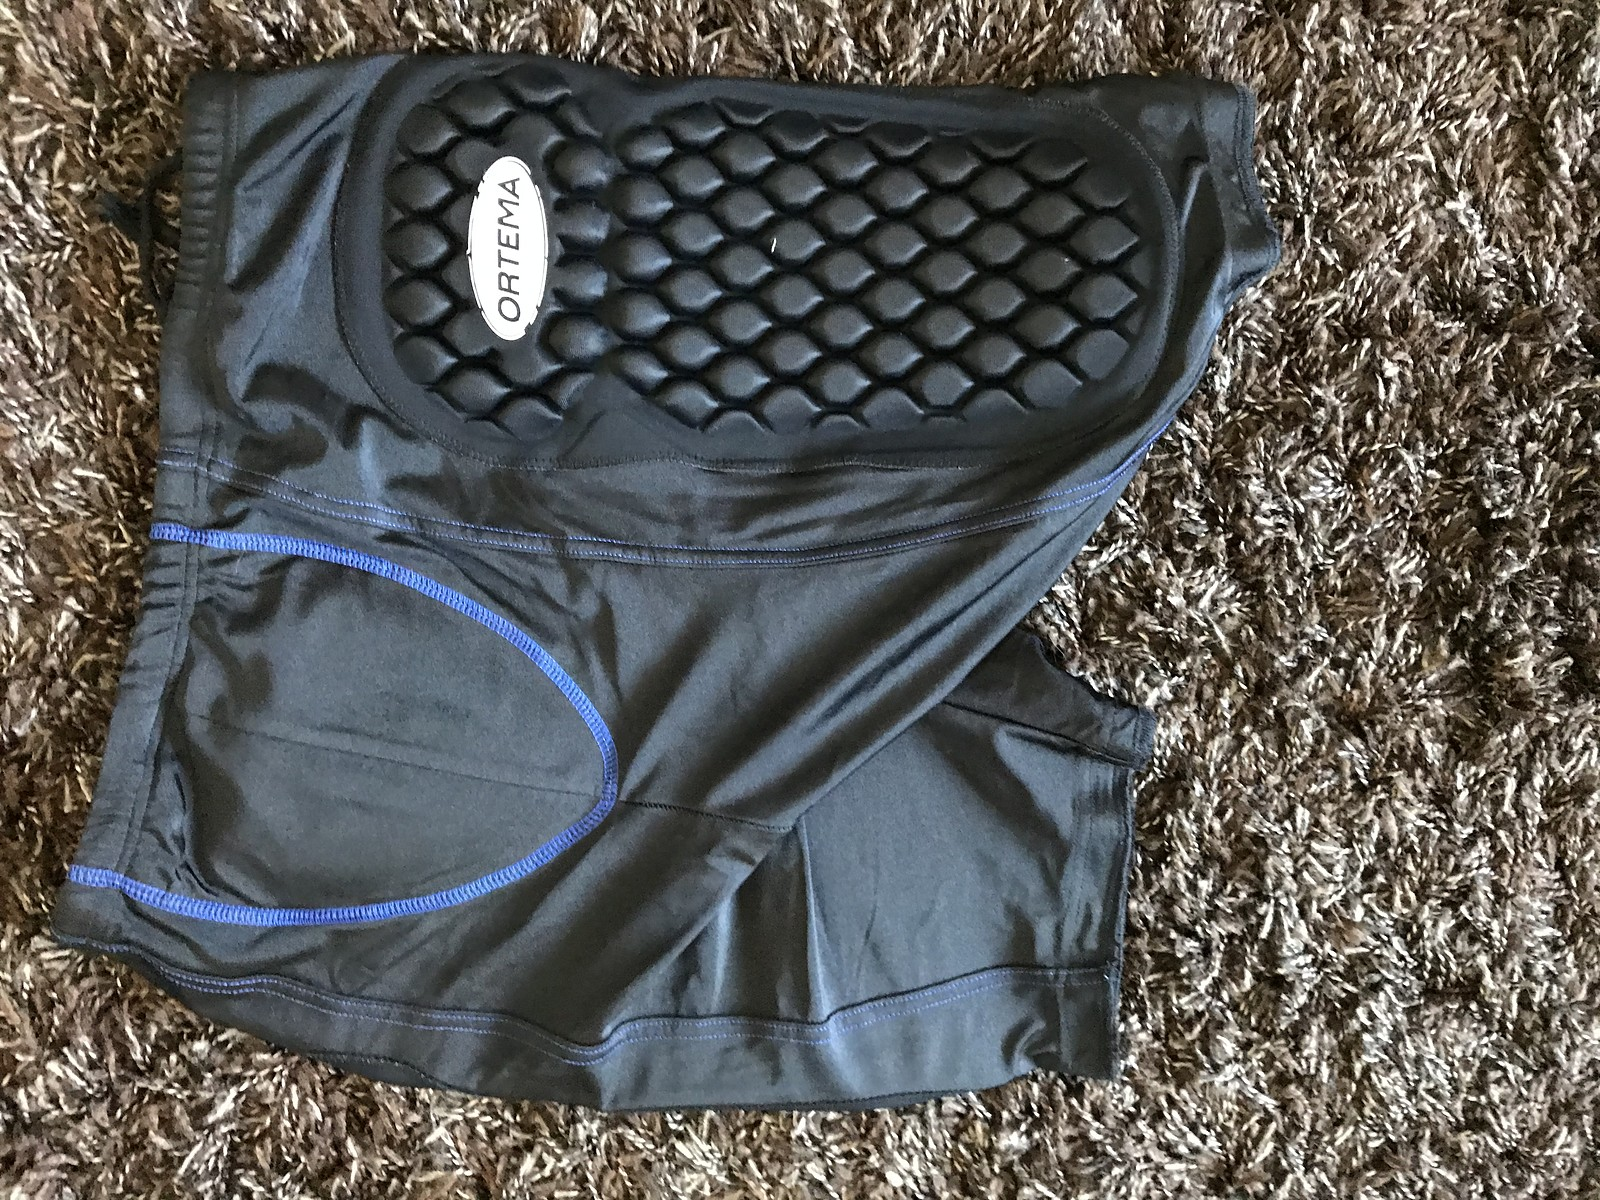 FORZA Schutzh/ülle Thermobag Fullcover Schl/ägerh/ülle f/ür  den Schutz von Badminton oder Squashschl/ägern mit praktischem Tragriemen